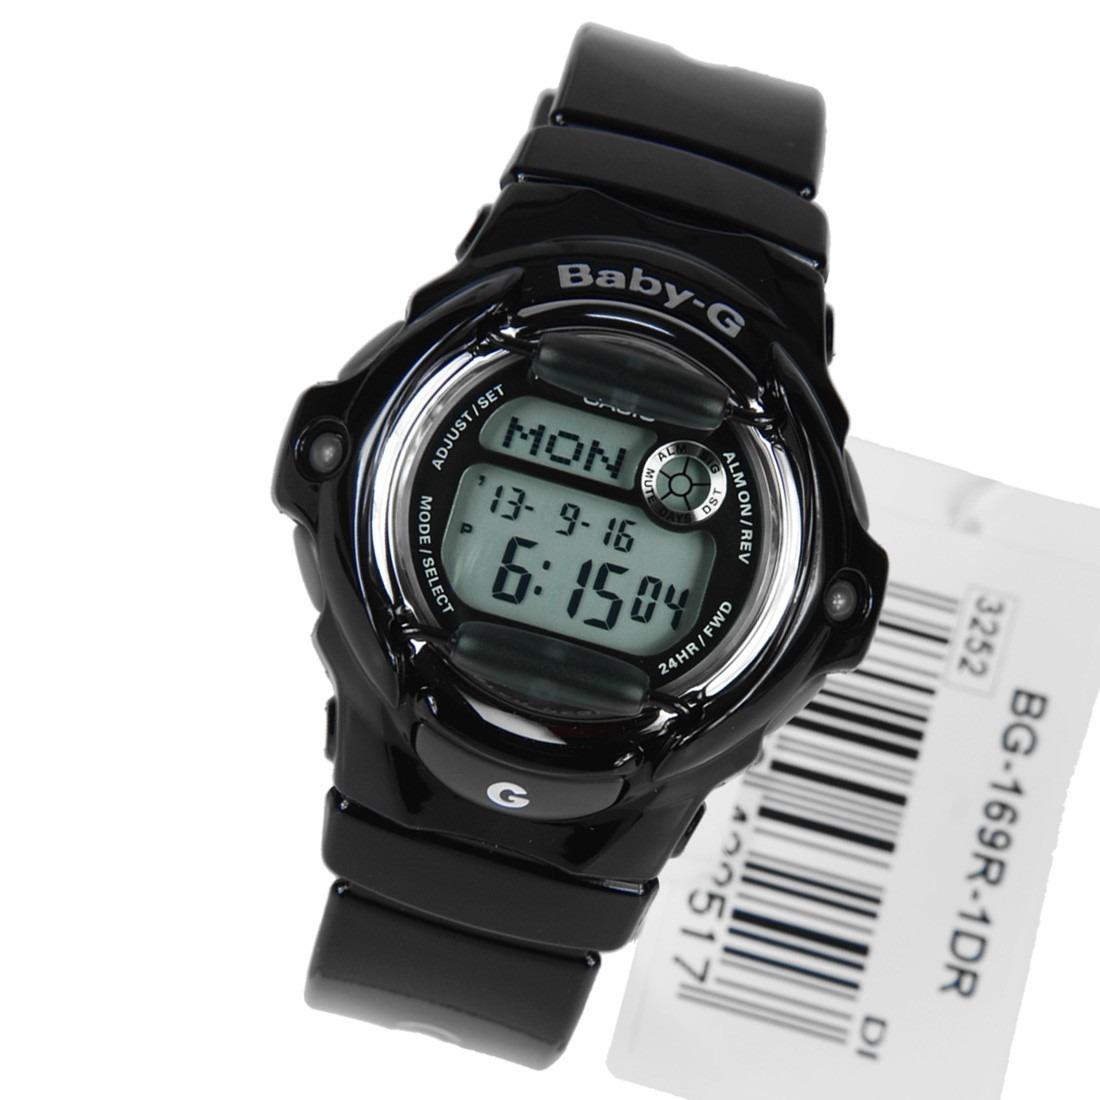 663422f9535 relógio casio baby-g bg169r-1dr. Carregando zoom.